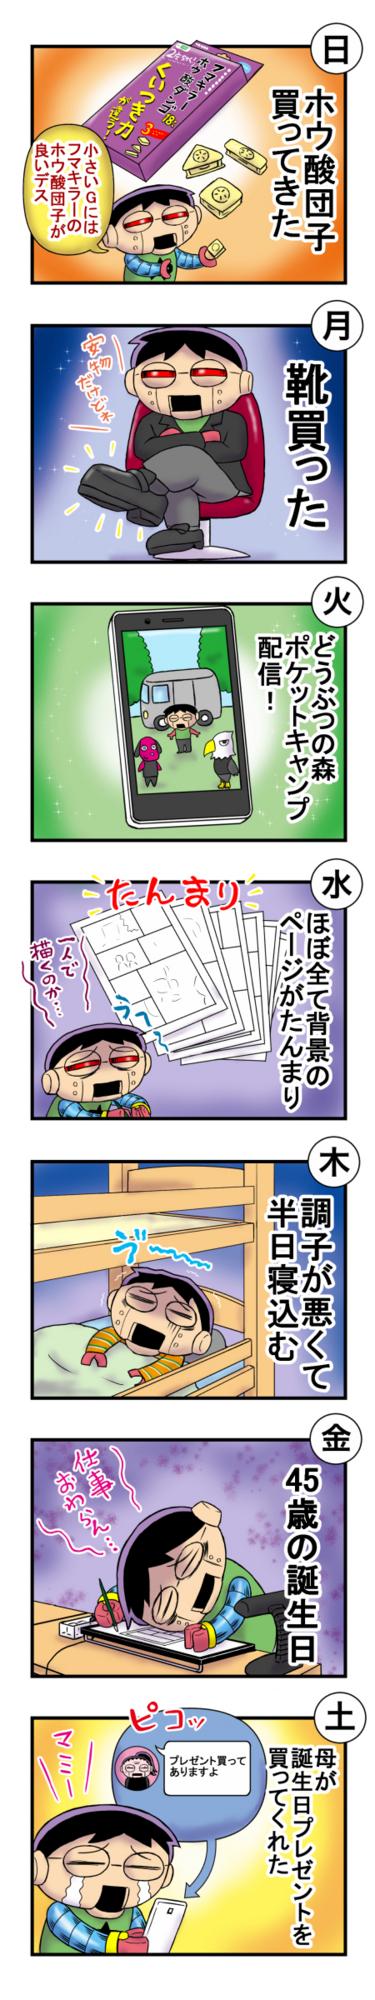 f:id:yanogon:20180312025950j:plain